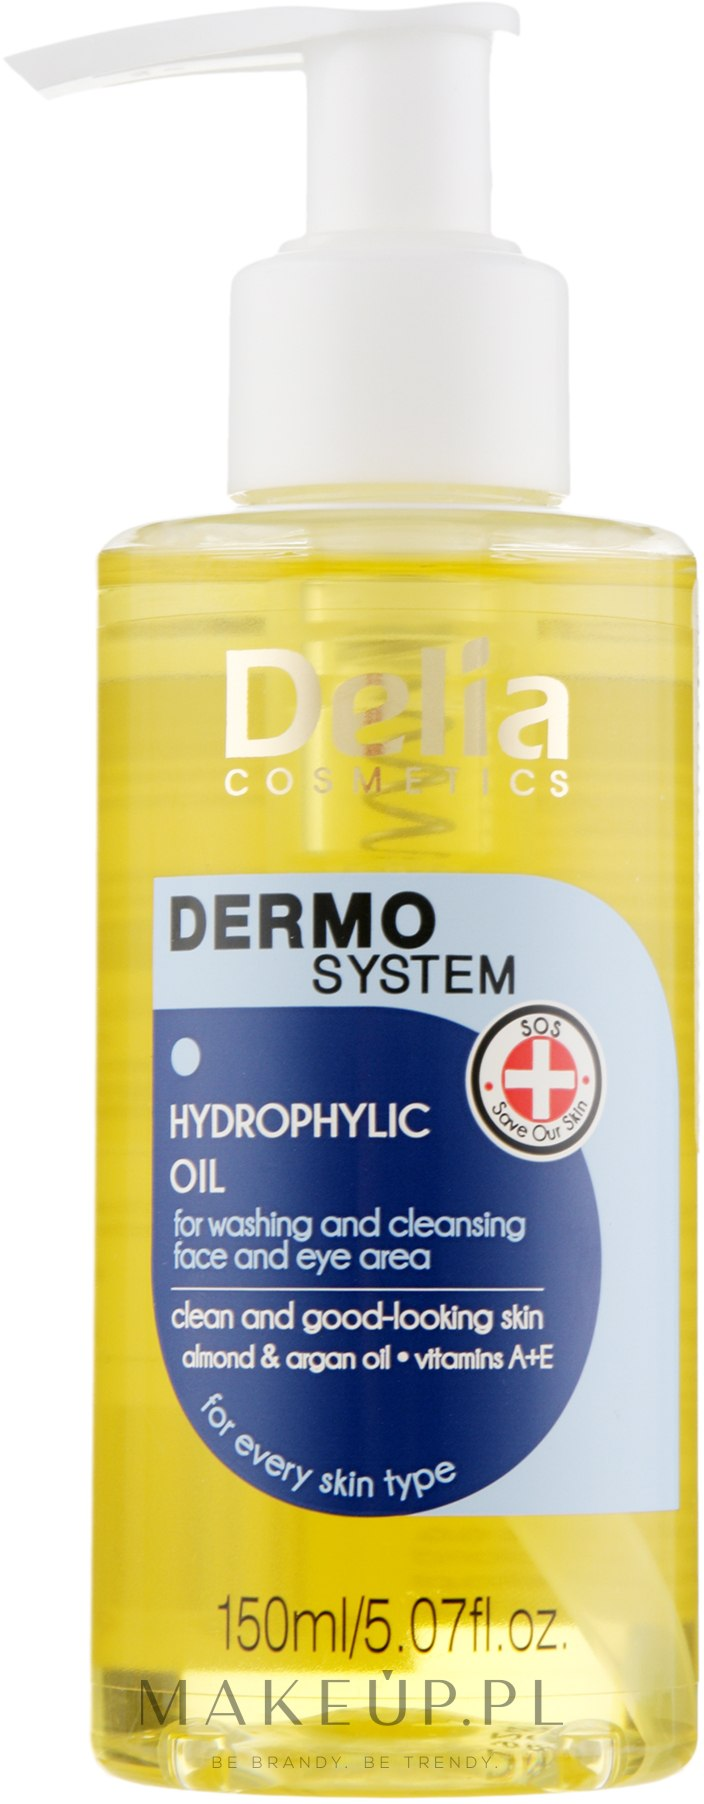 Hydrofilny olejek do mycia twarzy i okolic oczu - Delia Dermo System — фото 150 ml